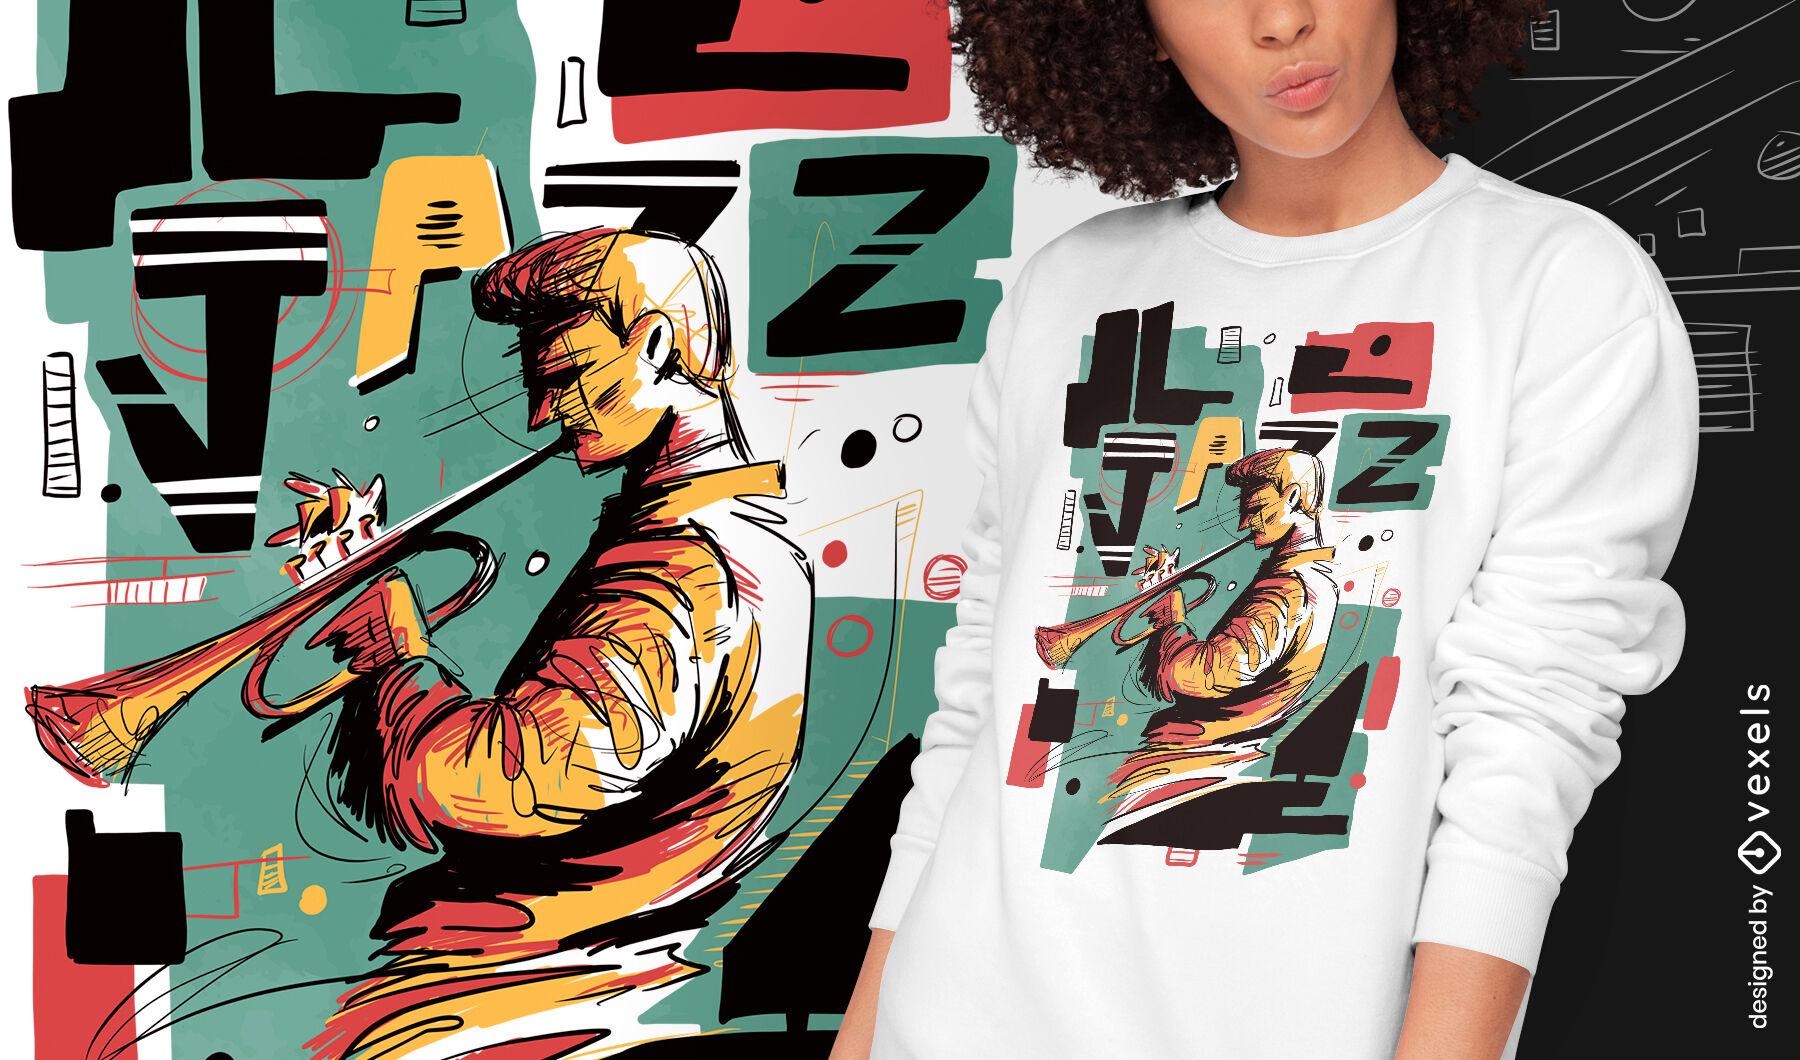 Jazz musician abstract psd t-shirt design